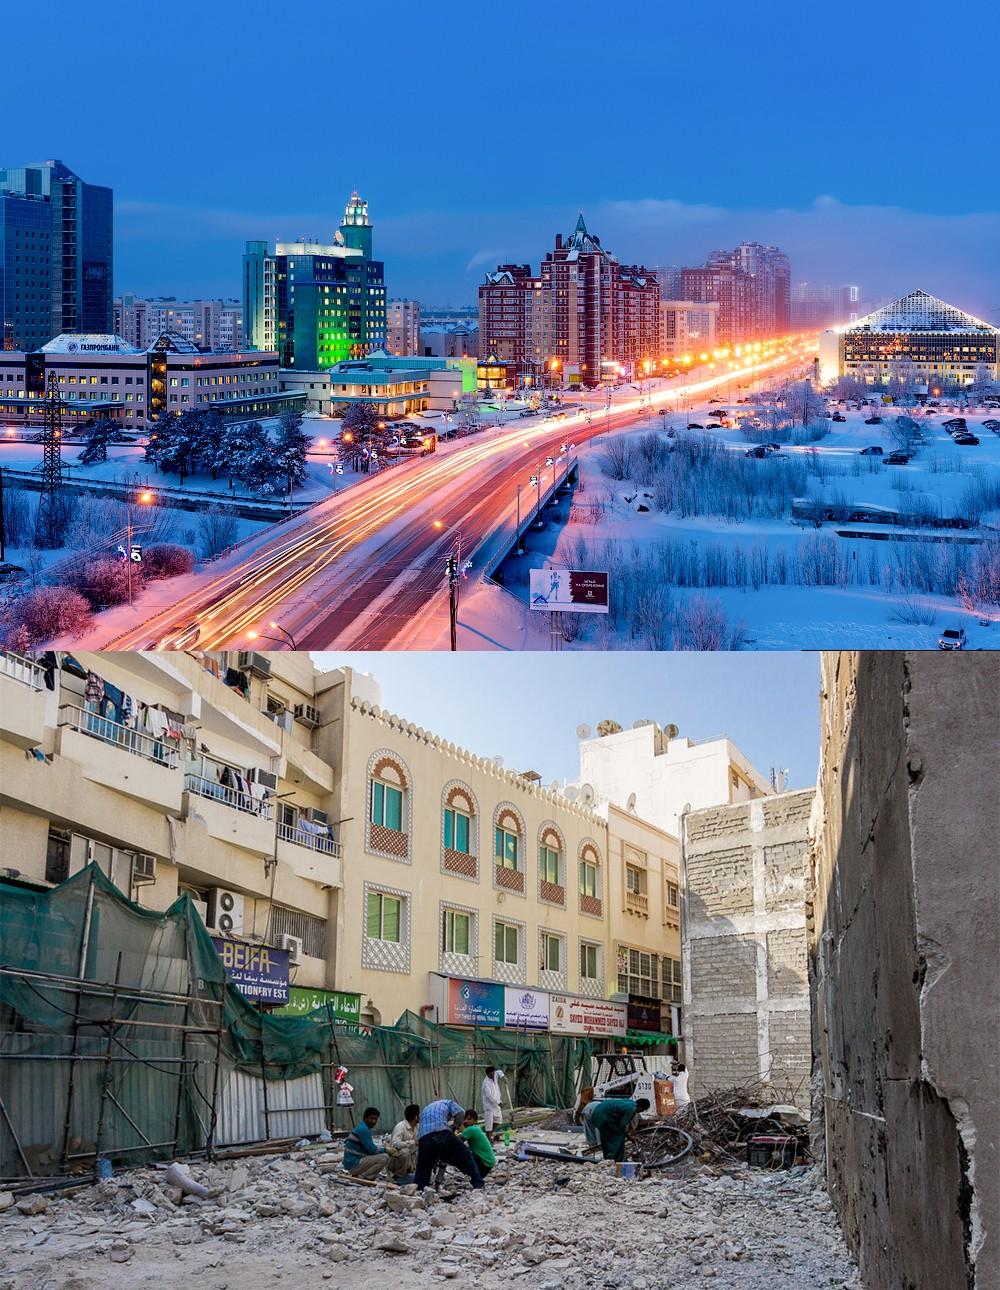 Сургут дубай купить дом в арабских эмиратах